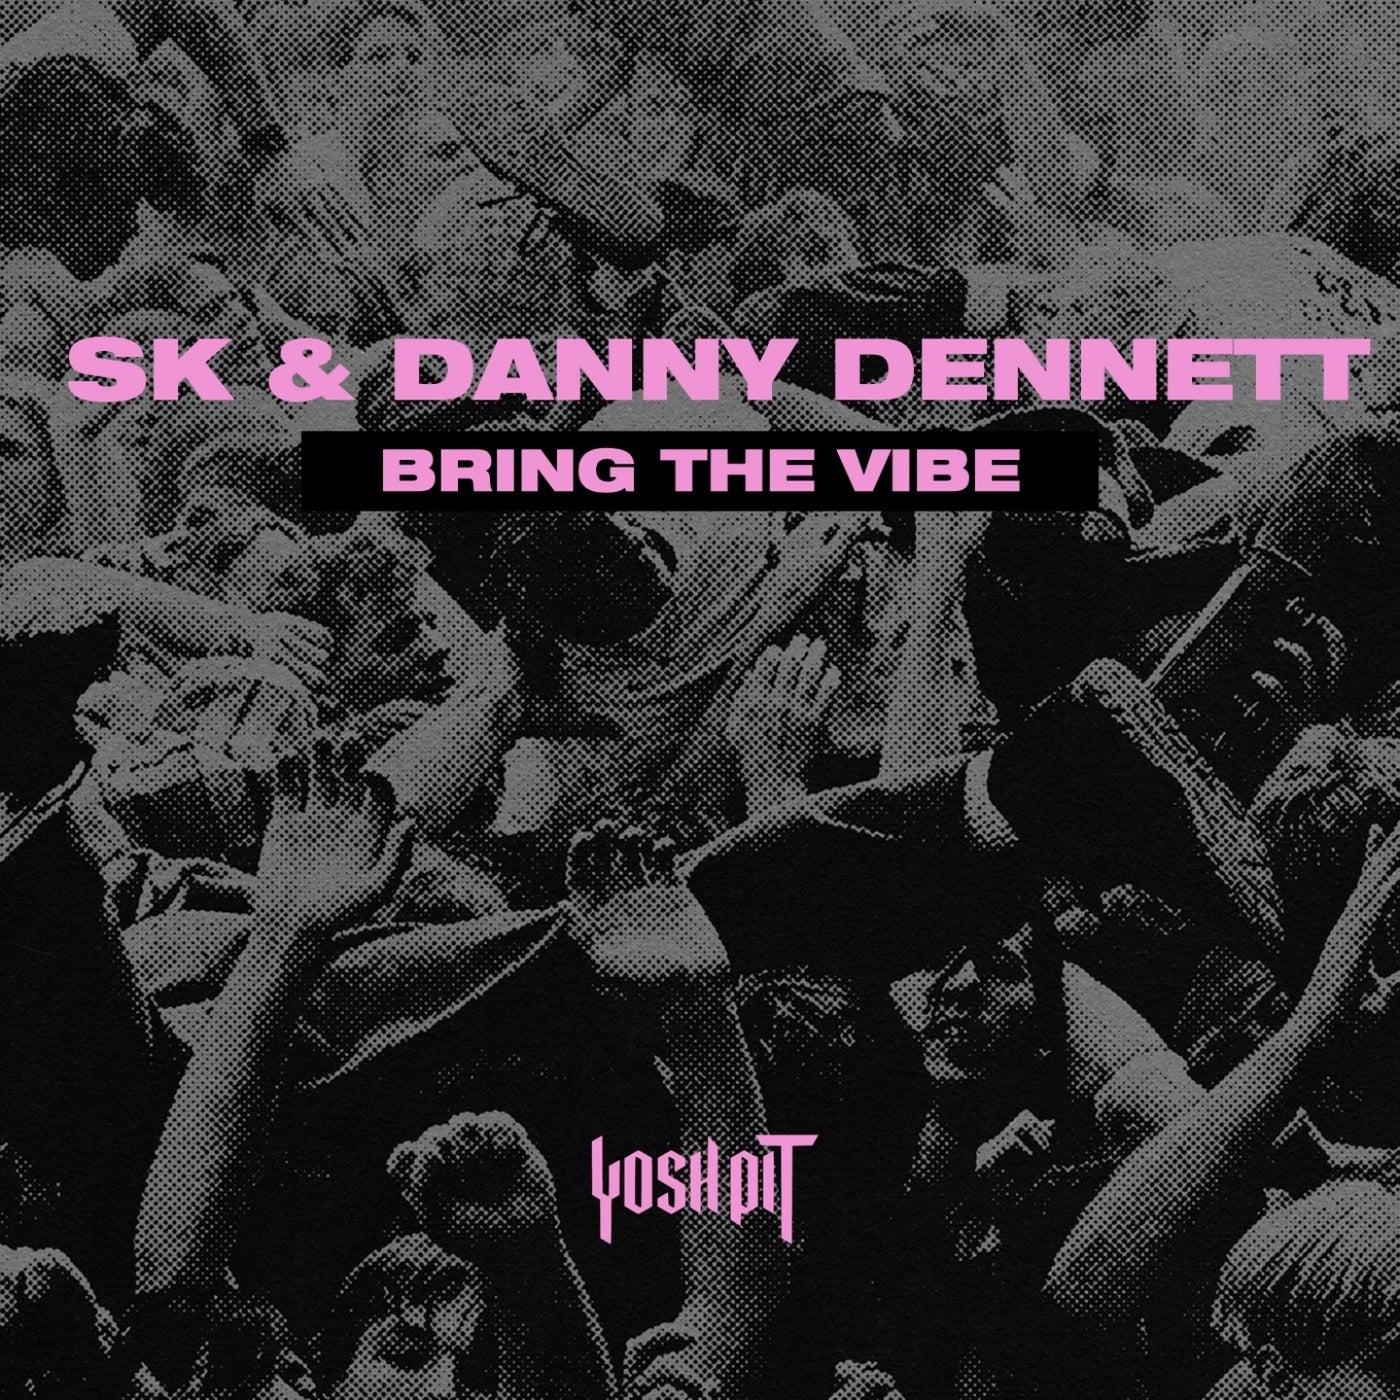 Bring the Vibe (Original Mix)